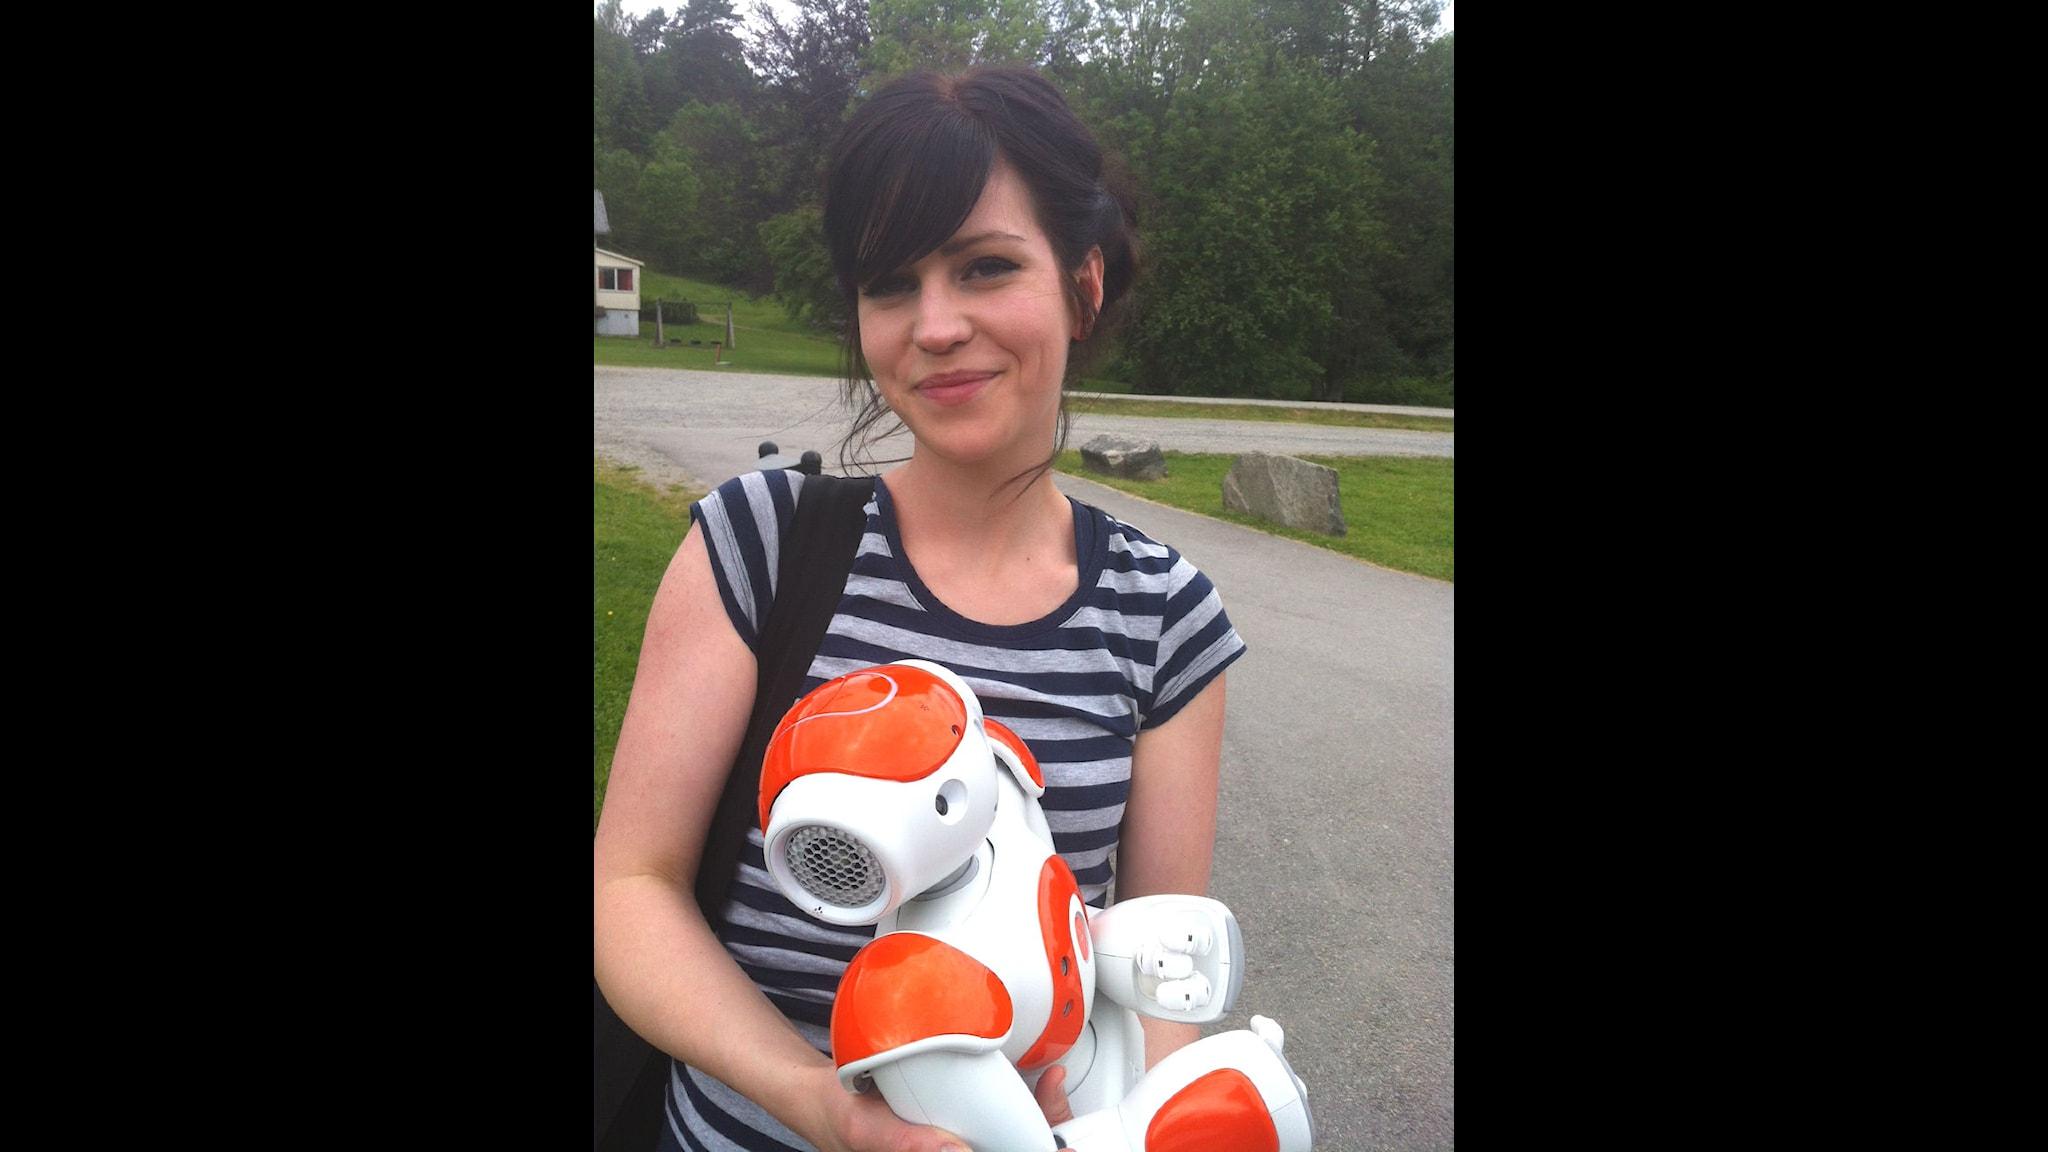 Doktoranden Sofia Serholt tillsammans med roboten Nao som ska bli hjälplärare i en högstadieklass i Horred. Foto: Linda Belanner/SR.